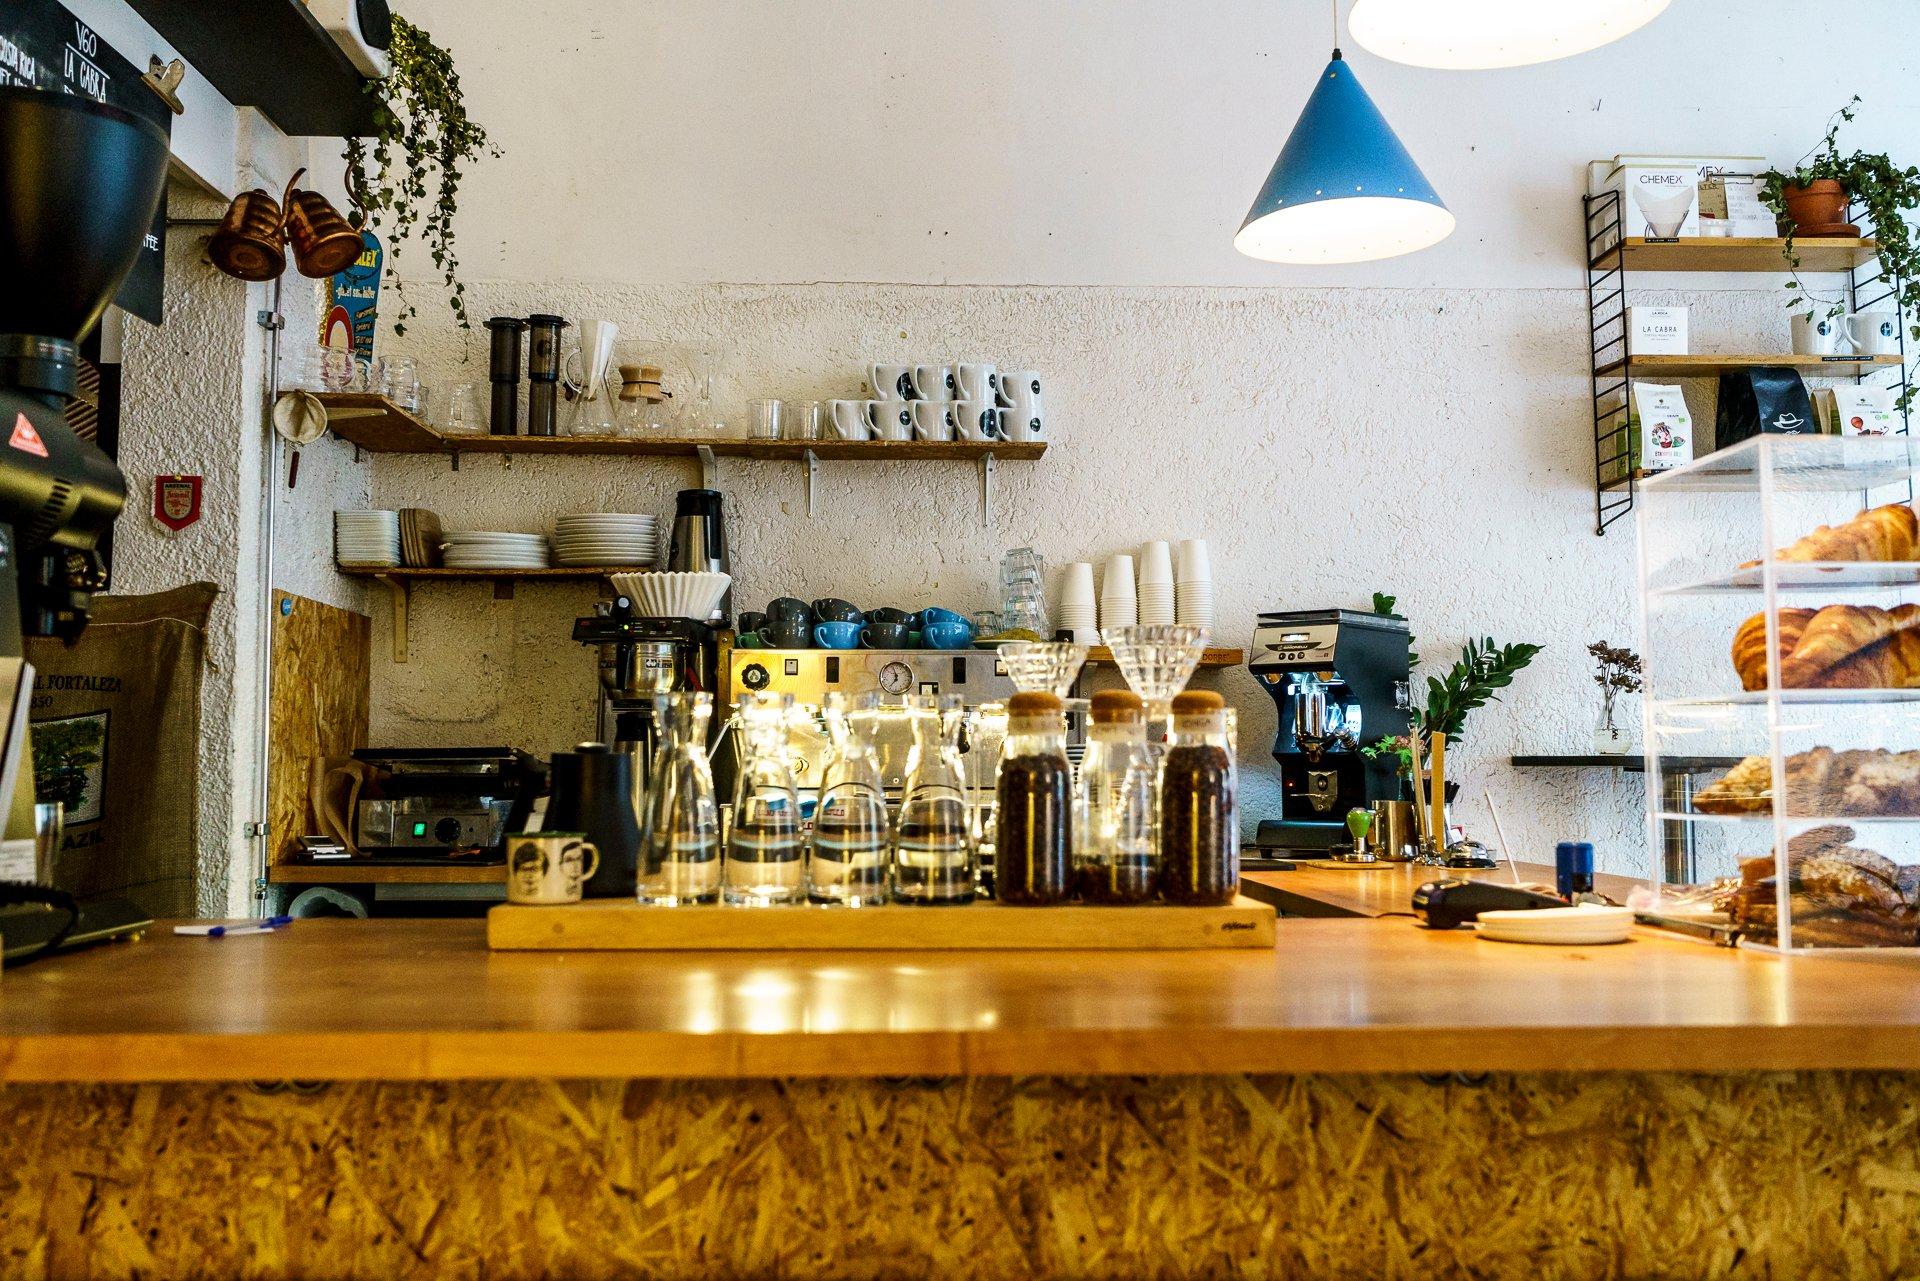 viktors-kaffe-goeteborg